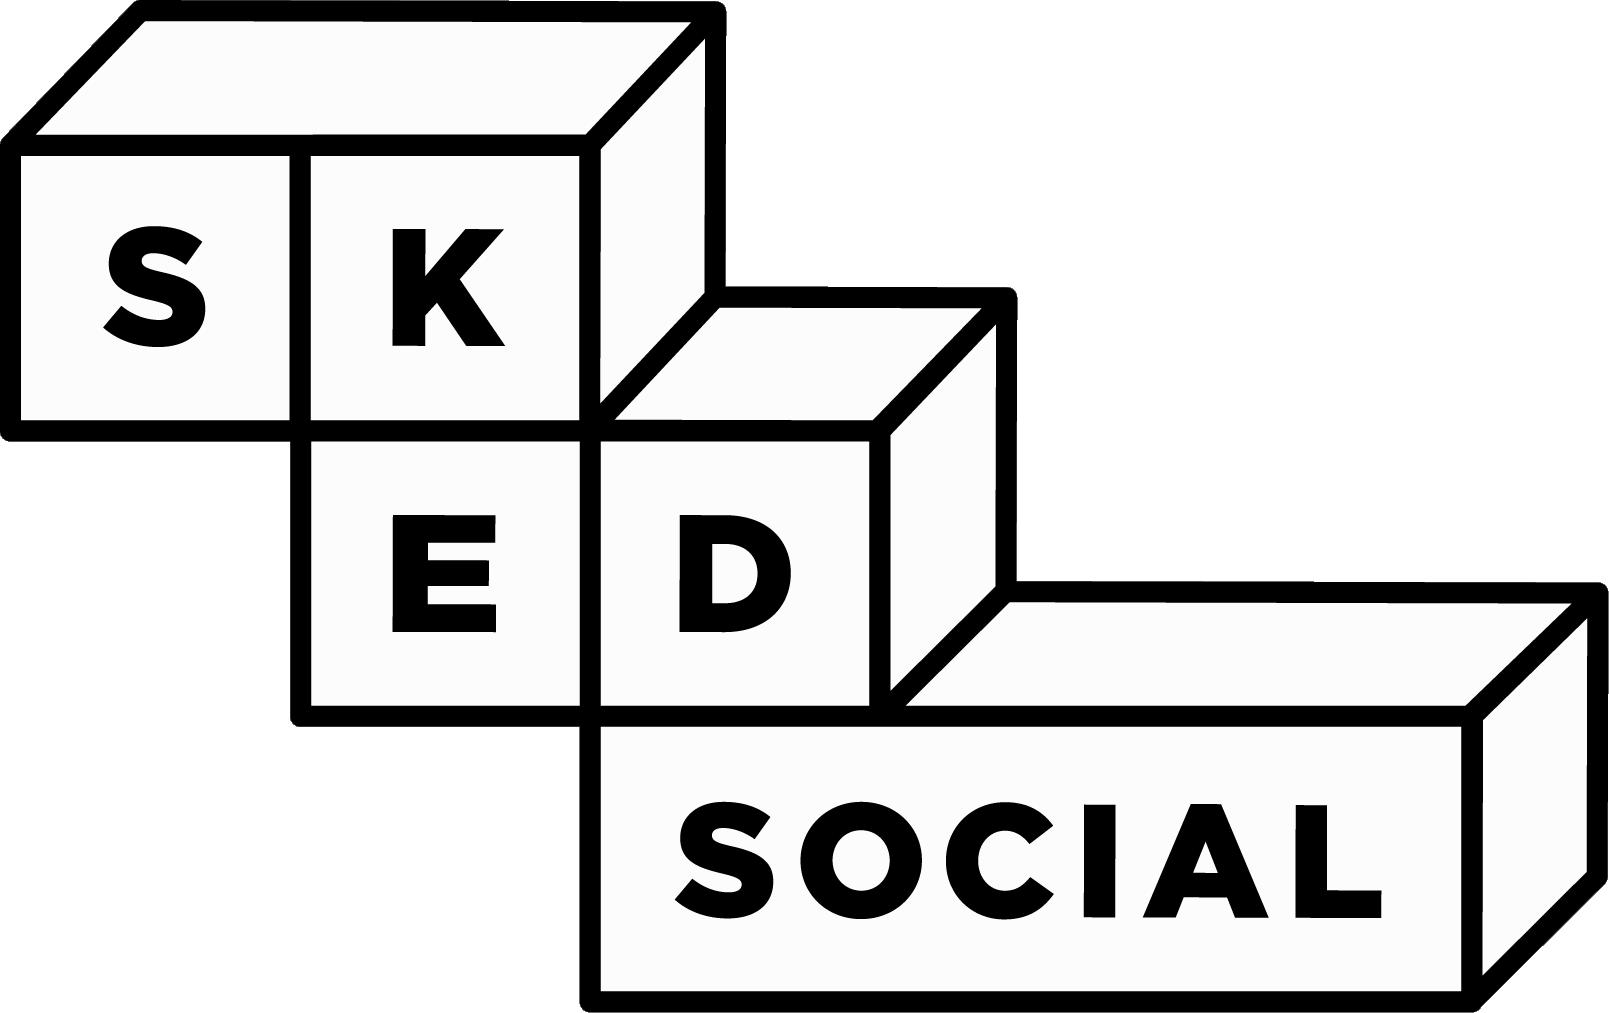 Sked Social